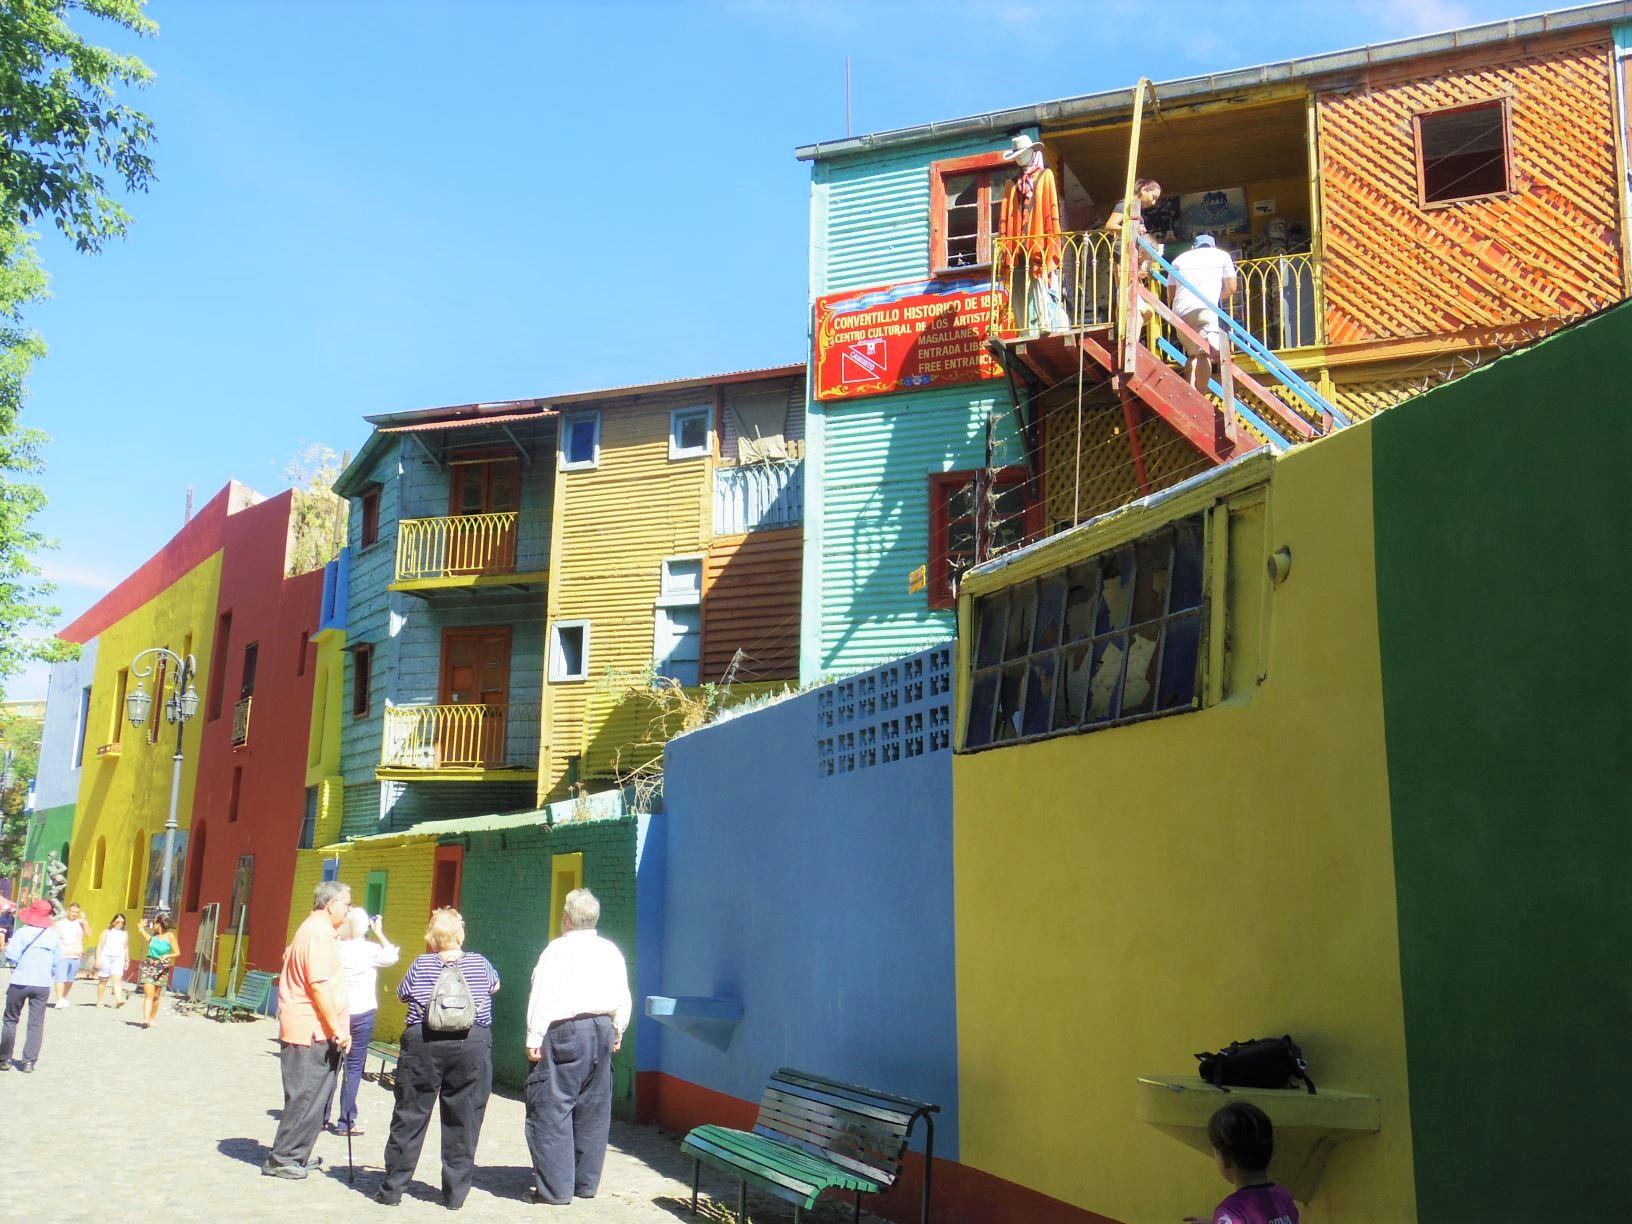 ブエノスアイレスを散策